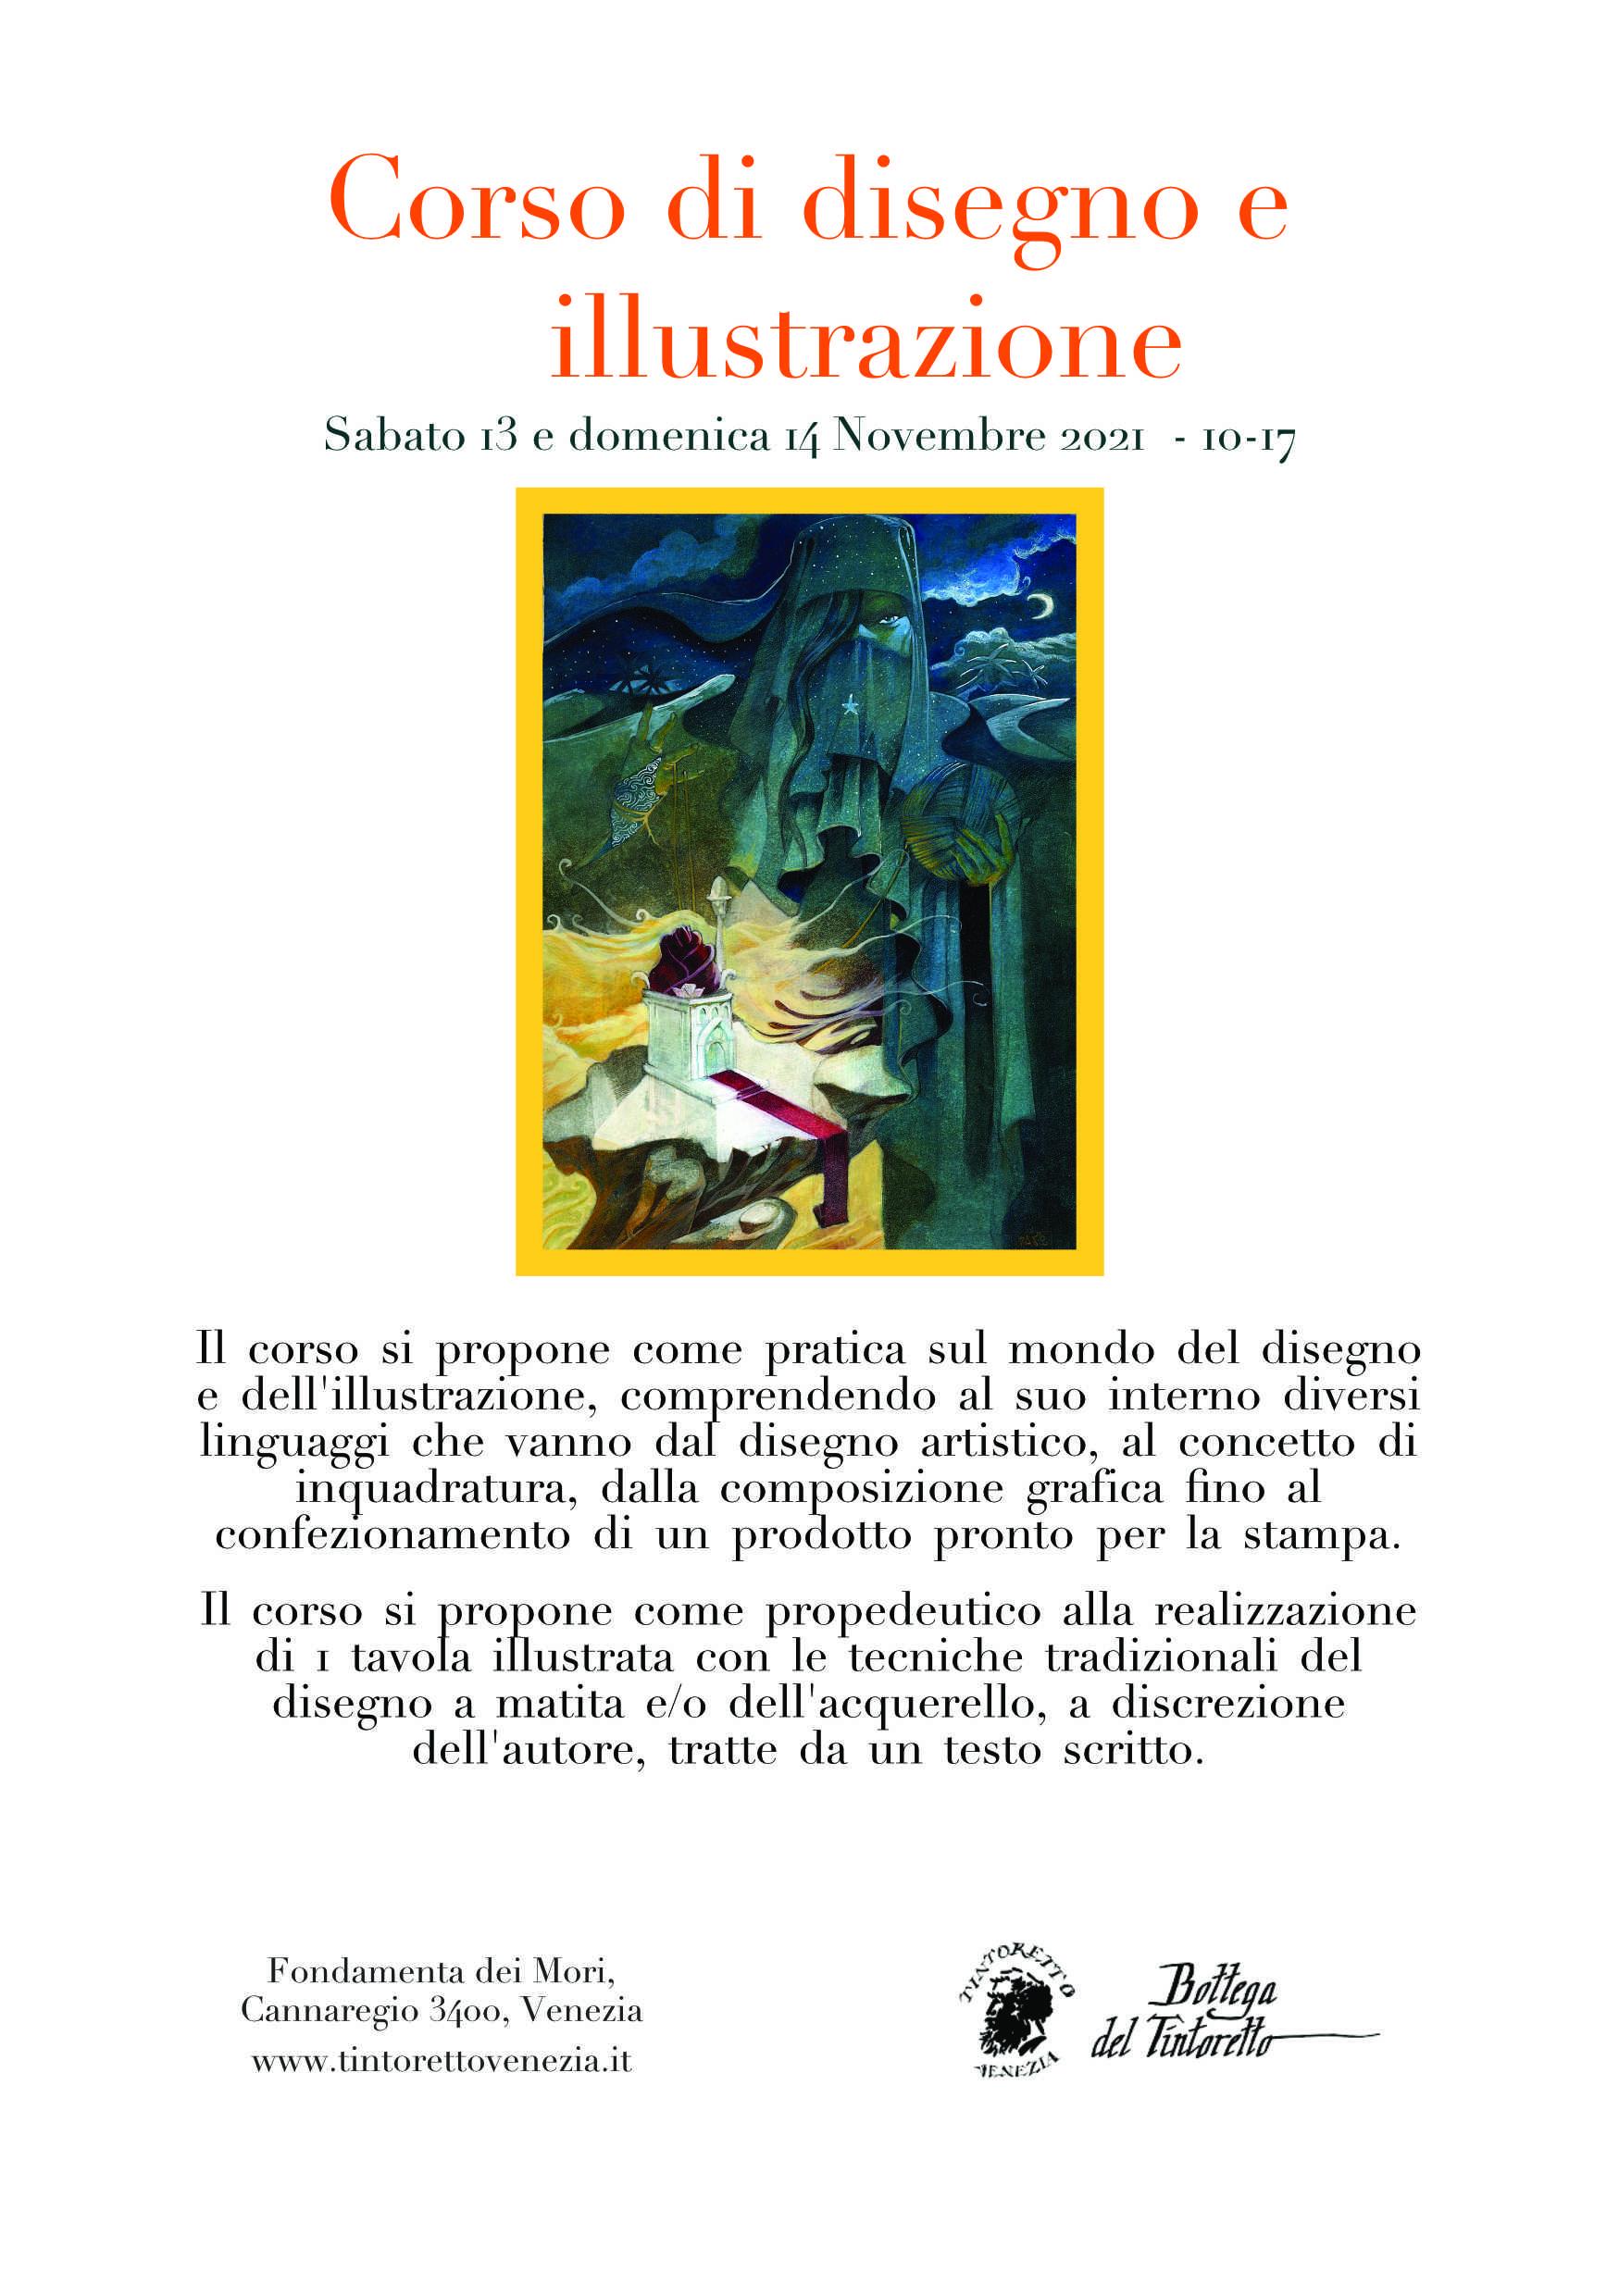 Corso di disegno e illustrazione